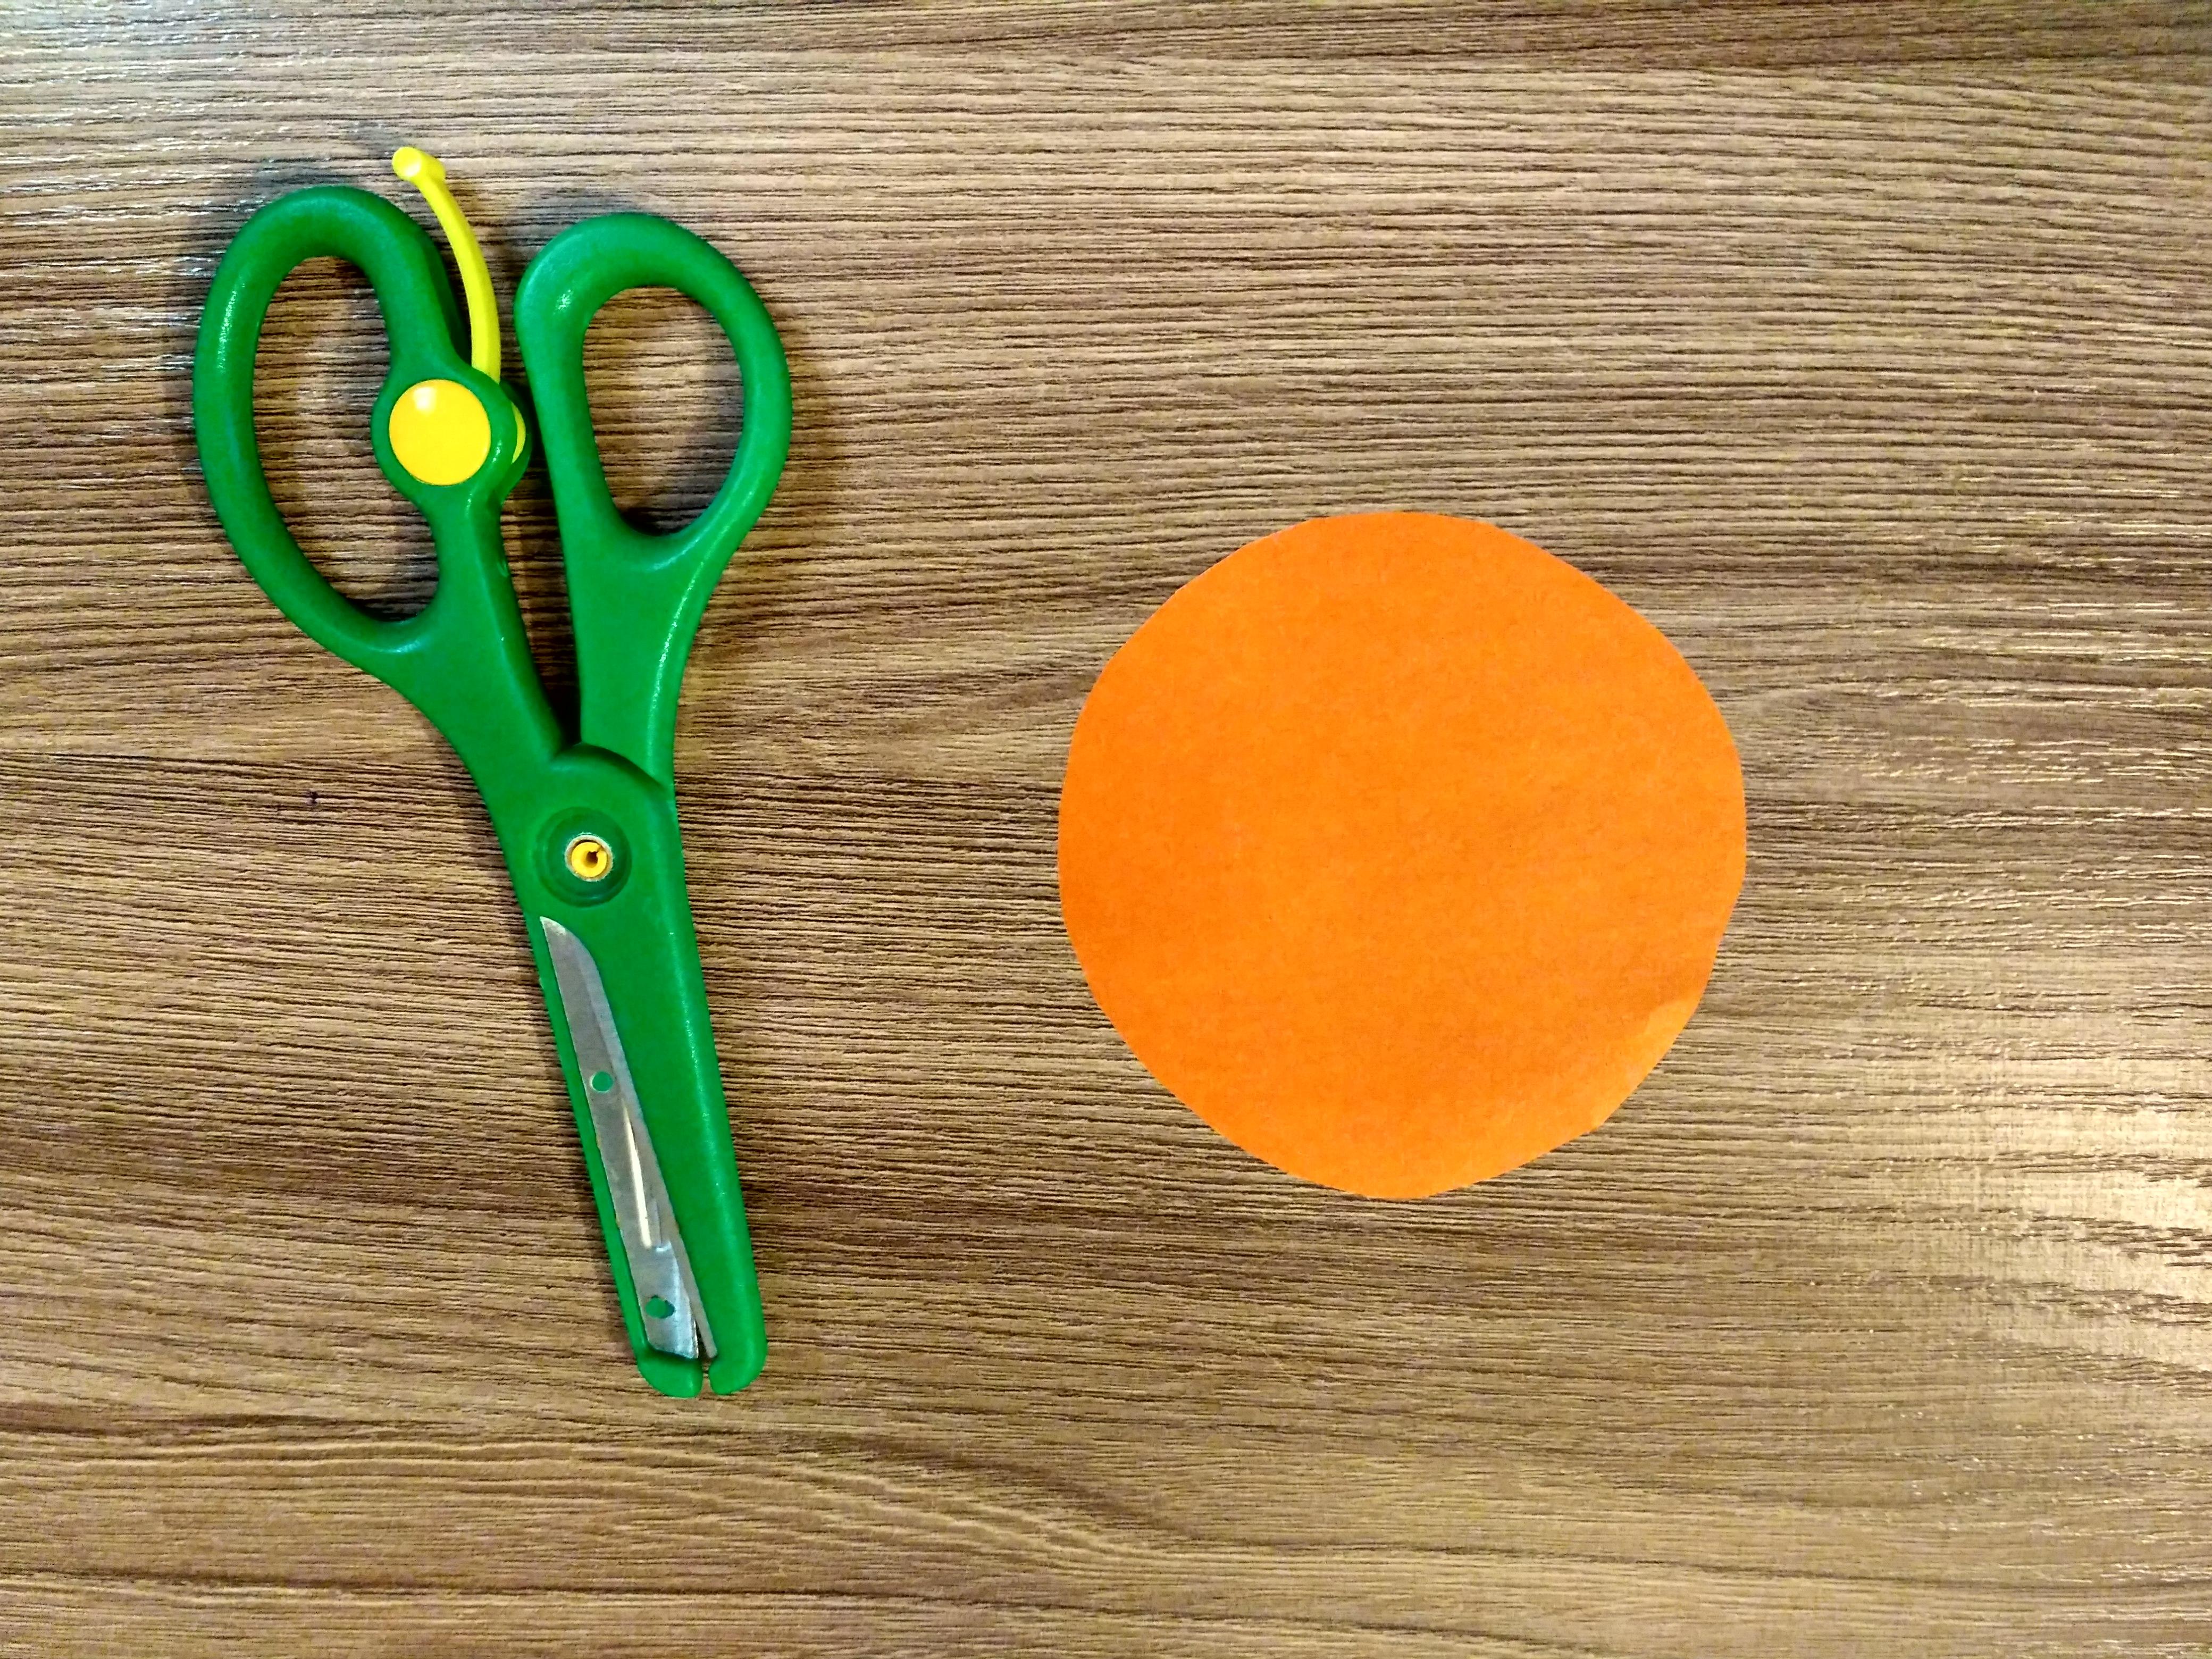 круг и ножницы